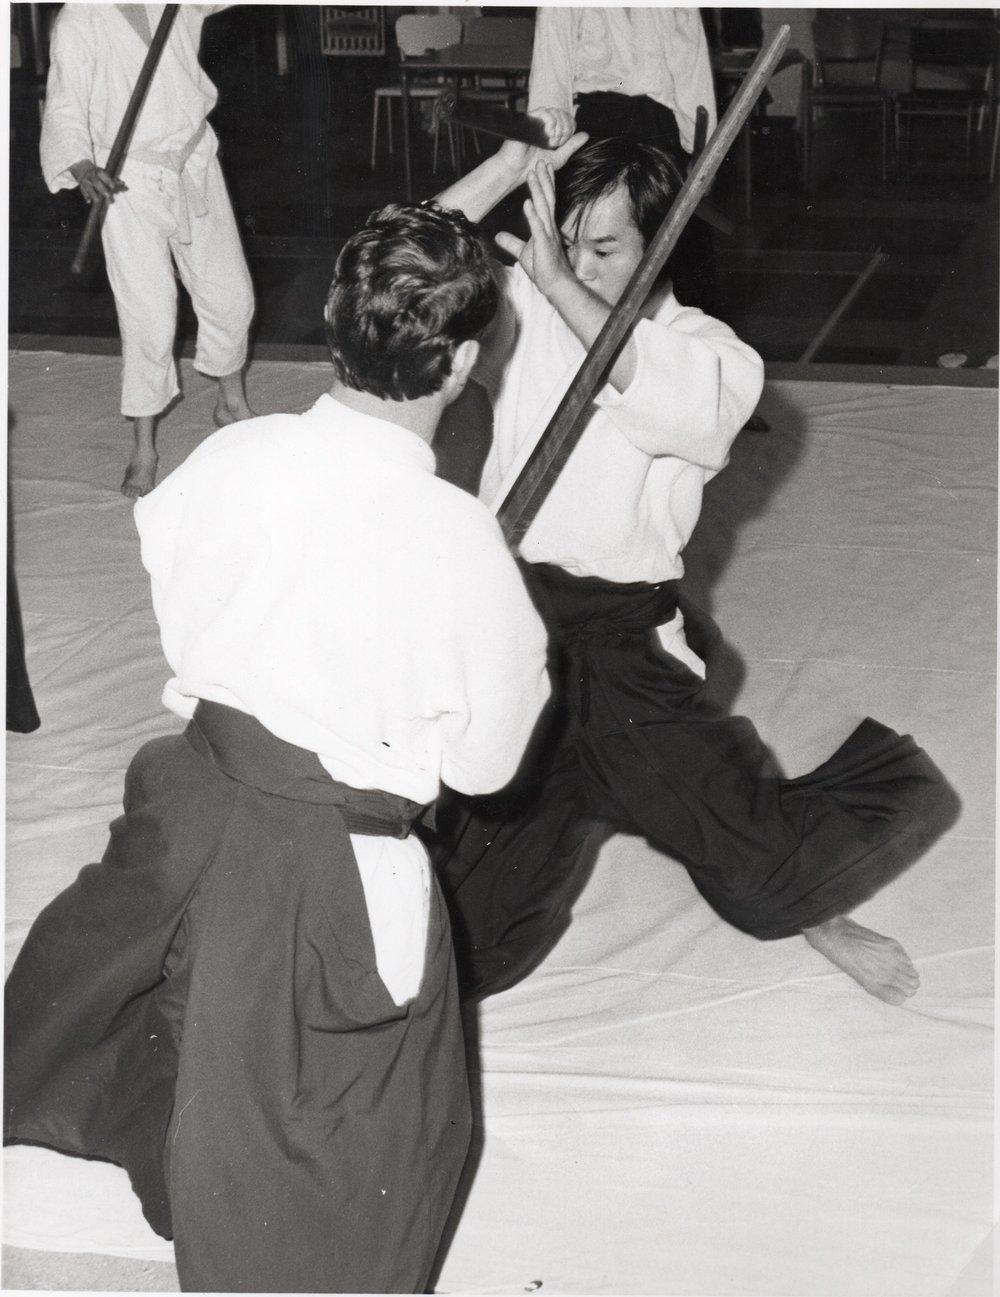 Chiba Sensei & Bill Smith